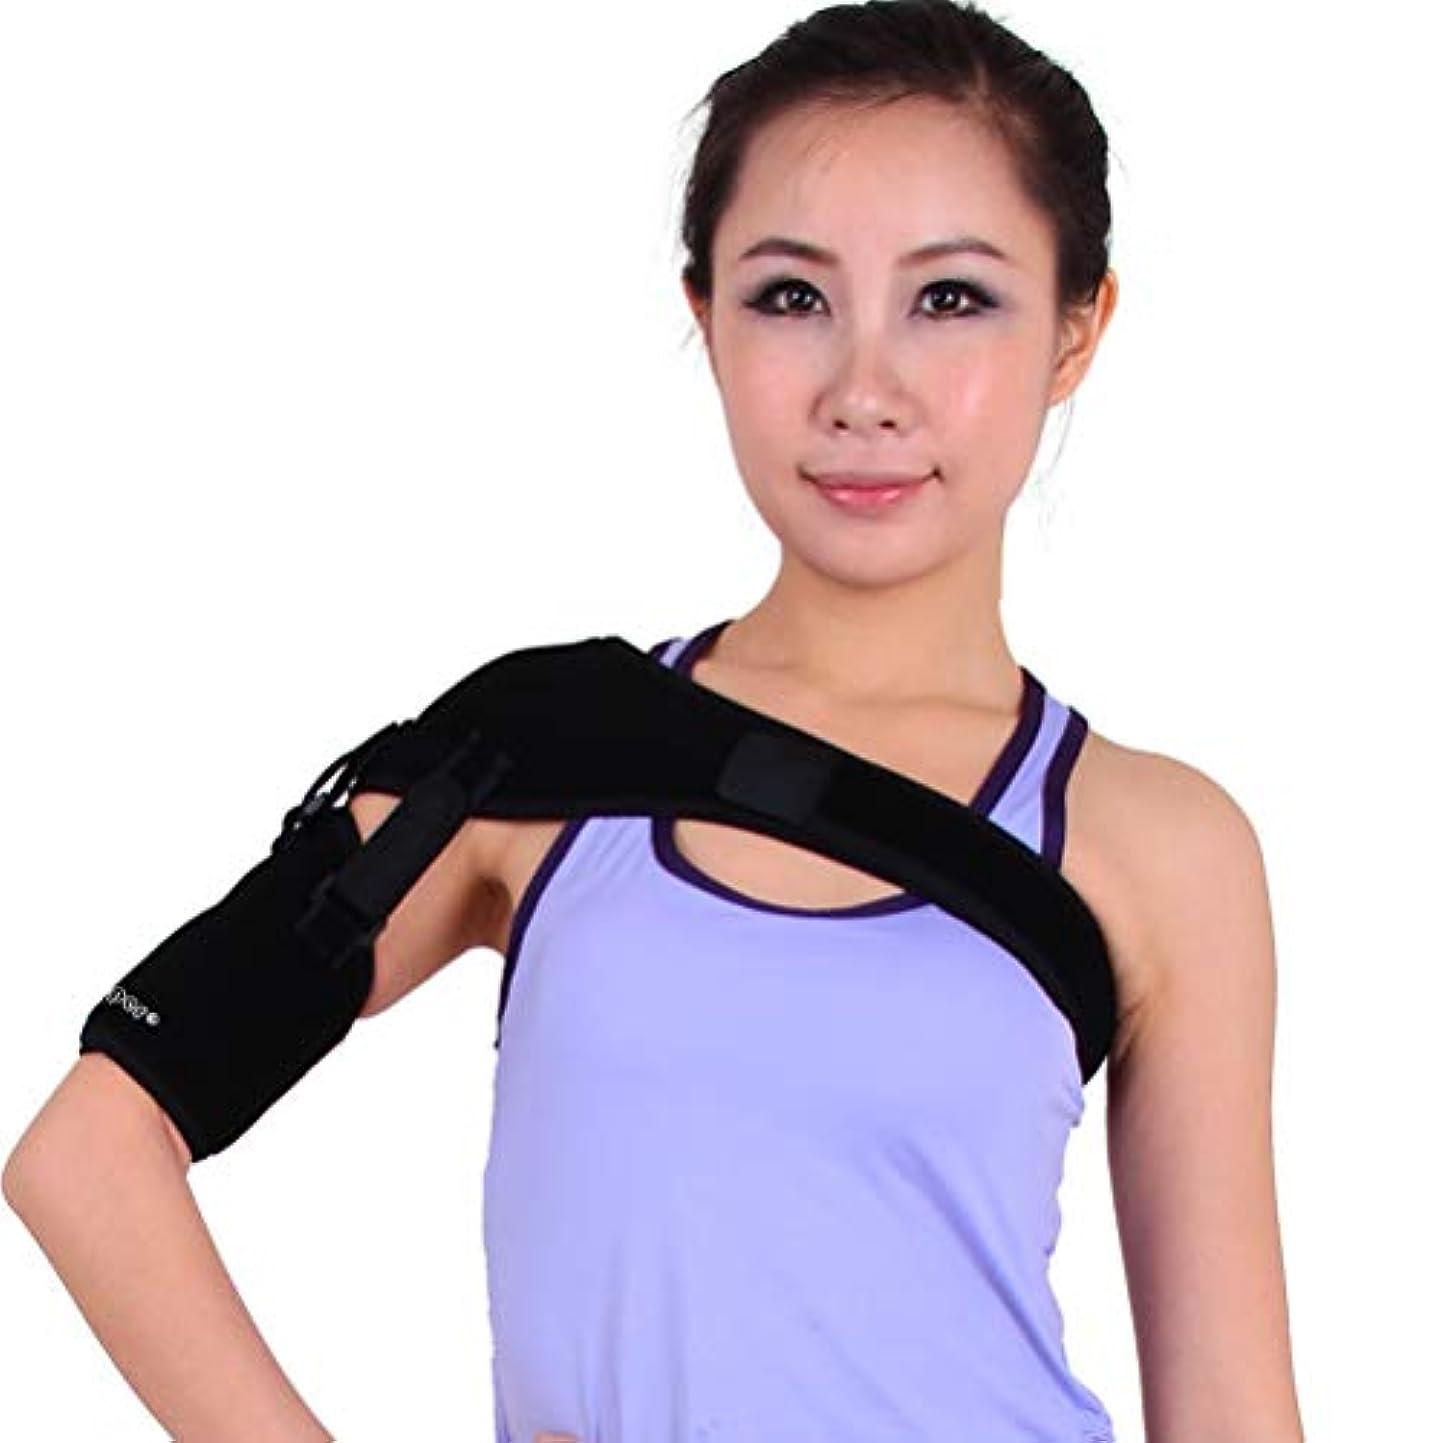 Healifty ショルダーサポート右腕スリング調整可能な肘サポートメッシュブレース医療用スリングストラップ固定具(スポーツ用)壊れた骨折した腕(黒)